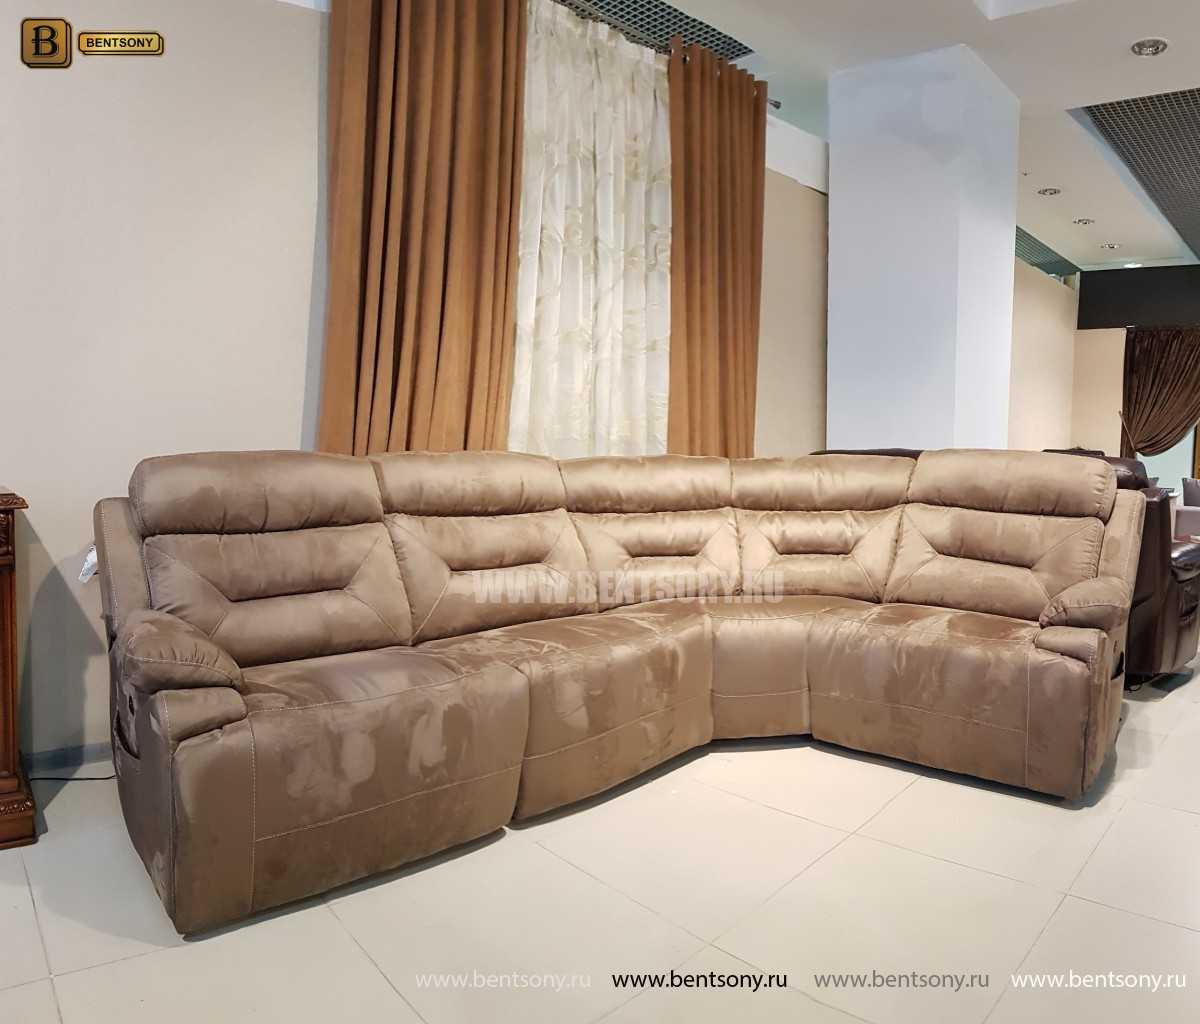 Диван Амелия (Угловой, Реклайнеры, Алькантара) каталог мебели с ценами